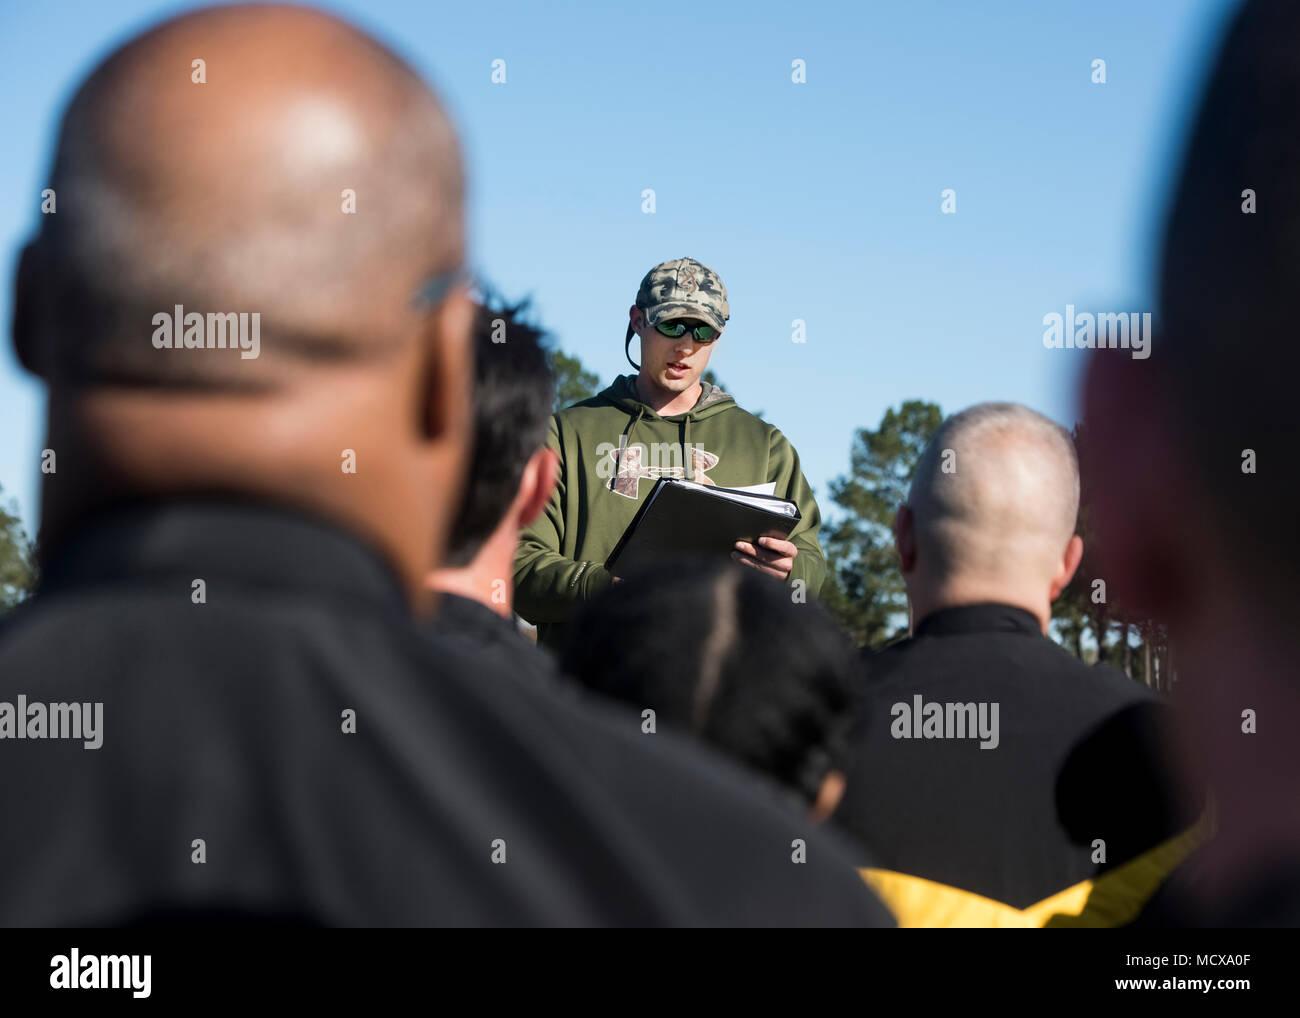 Entrenador Jacob Crouch con la Guardia Nacional de Carolina del Sur Programa de Acondicionamiento Físico demuestra el proyecto de prueba de Preparación de combate del Ejército (ACRT) en el Centro de Formación, Eastover McCrady, Carolina del Sur, el 4 de marzo, 2018. (Ee.Uu. Foto de la Guardia Nacional del Ejército por el sargento. Brian Calhoun, 108º destacamento de Asuntos Públicos) Imagen De Stock